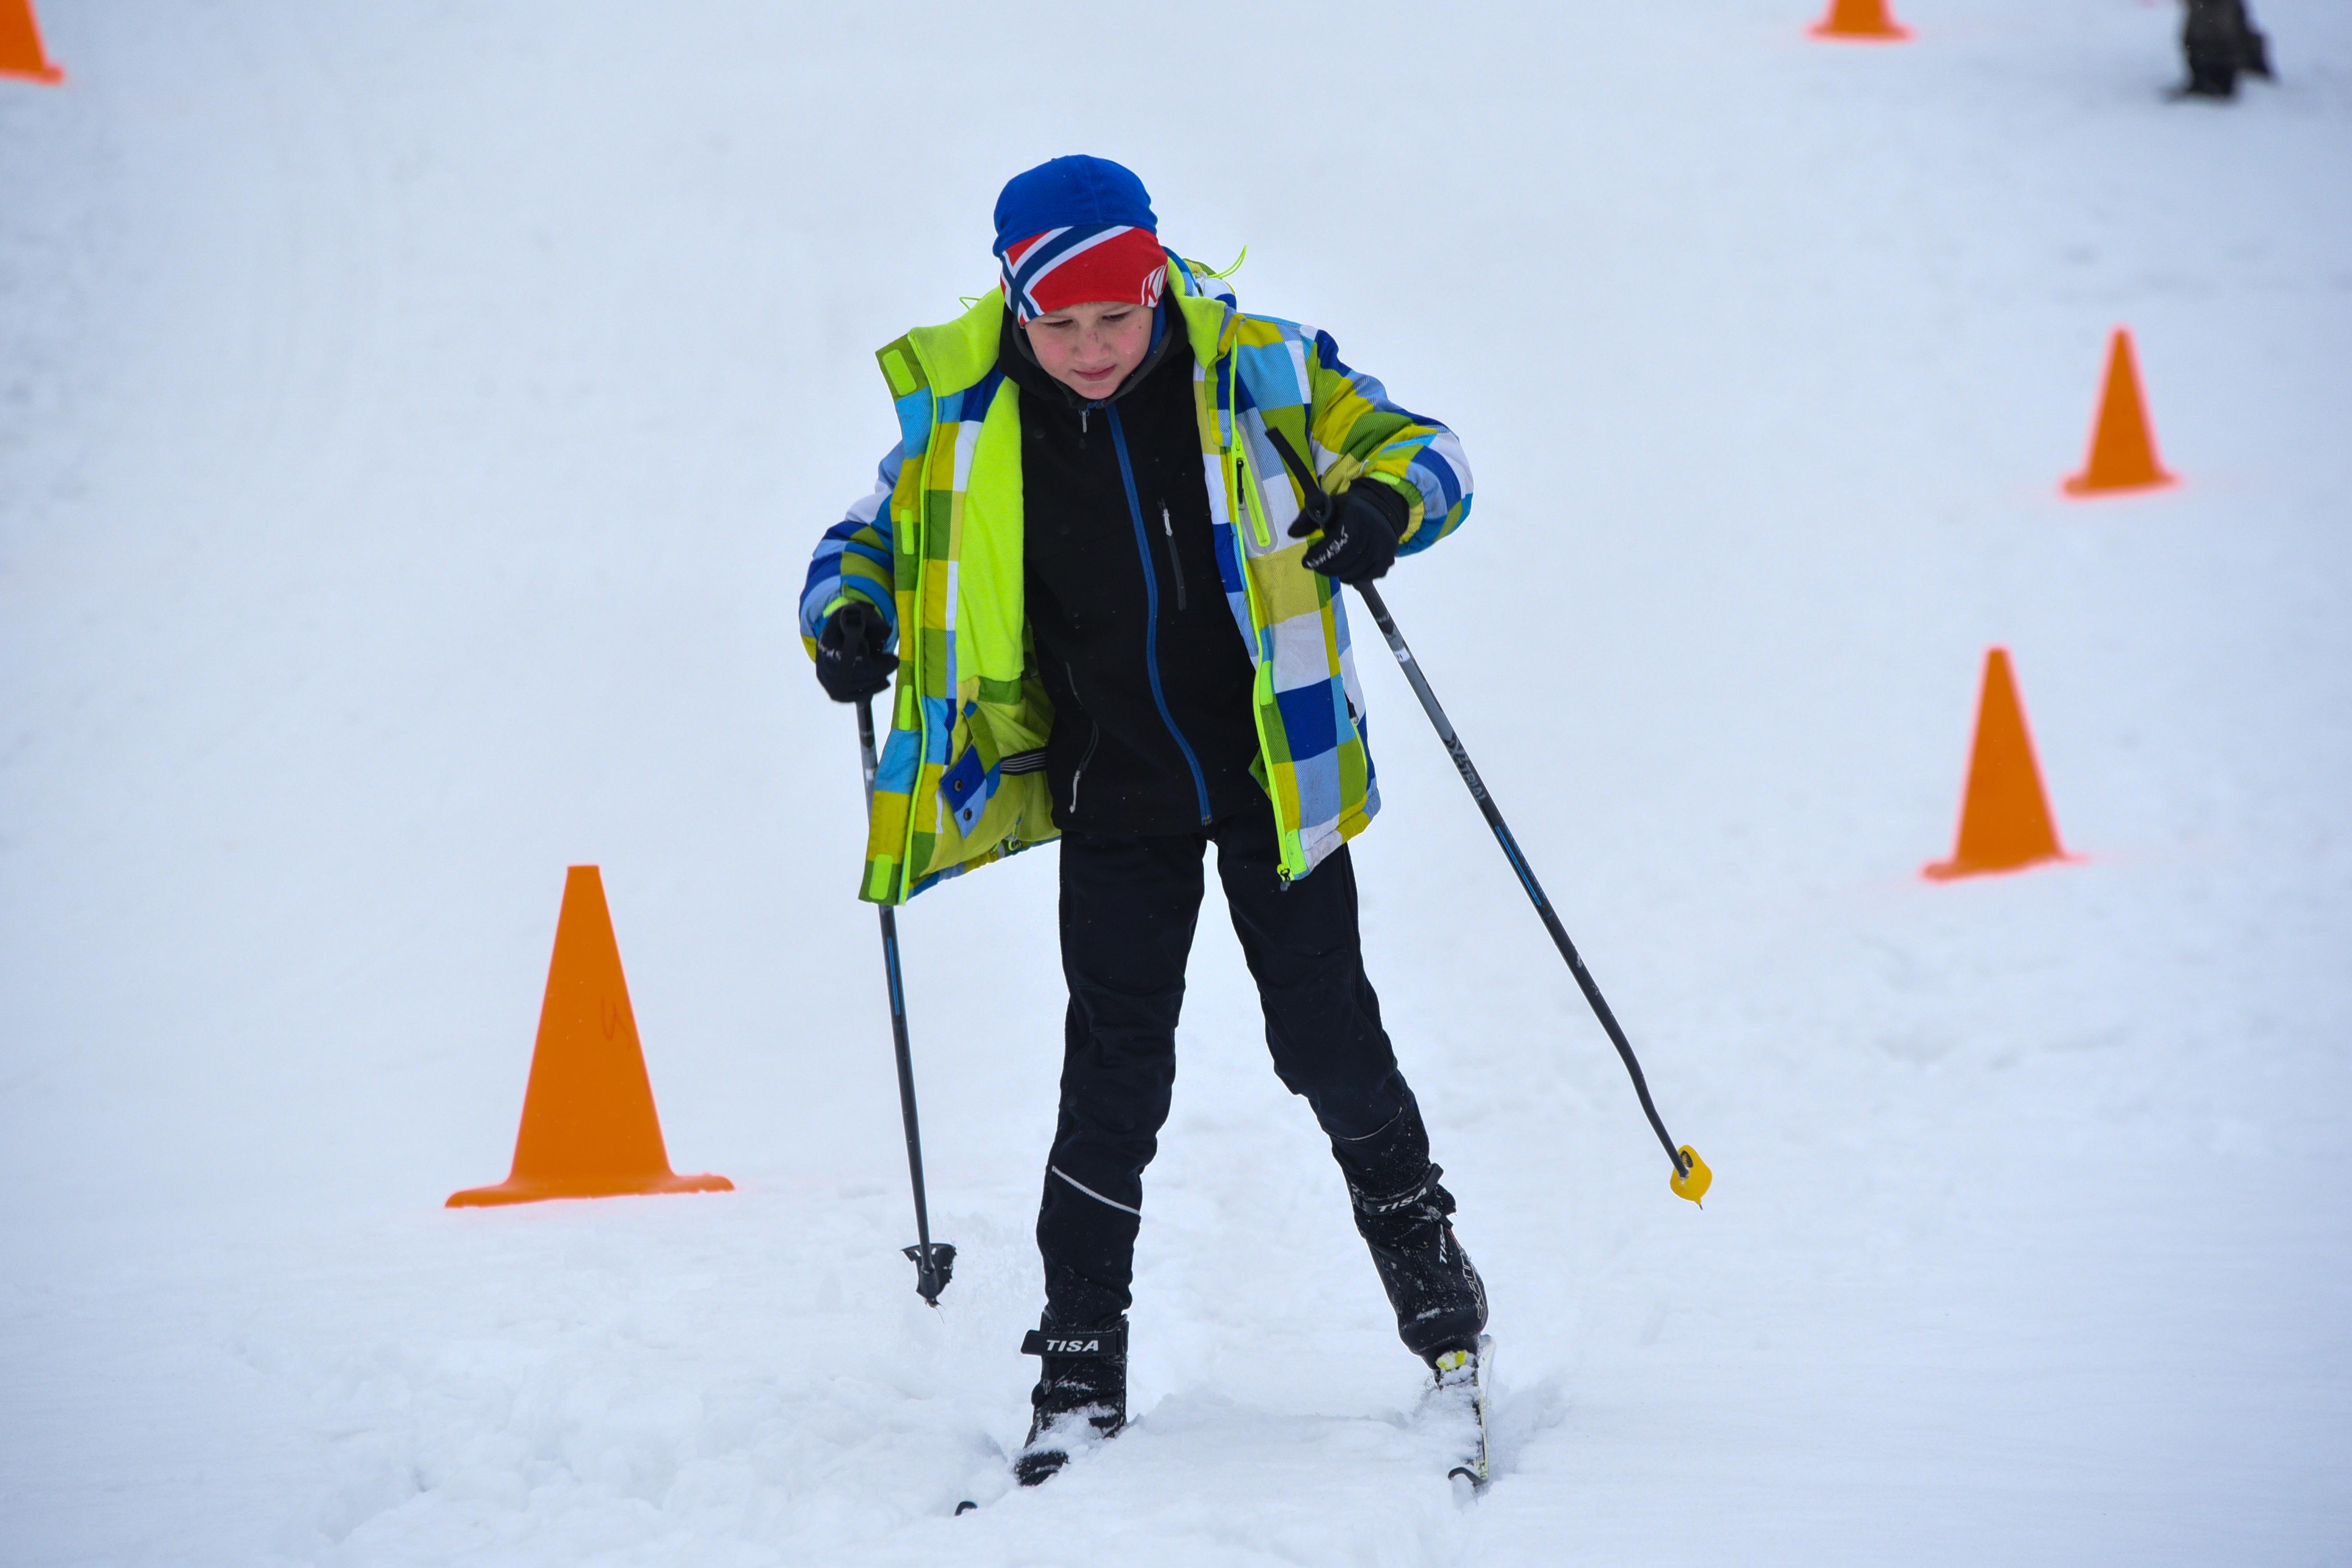 Жителей Михайлова-Ярцевского пригласили в новую секцию лыжных гонок